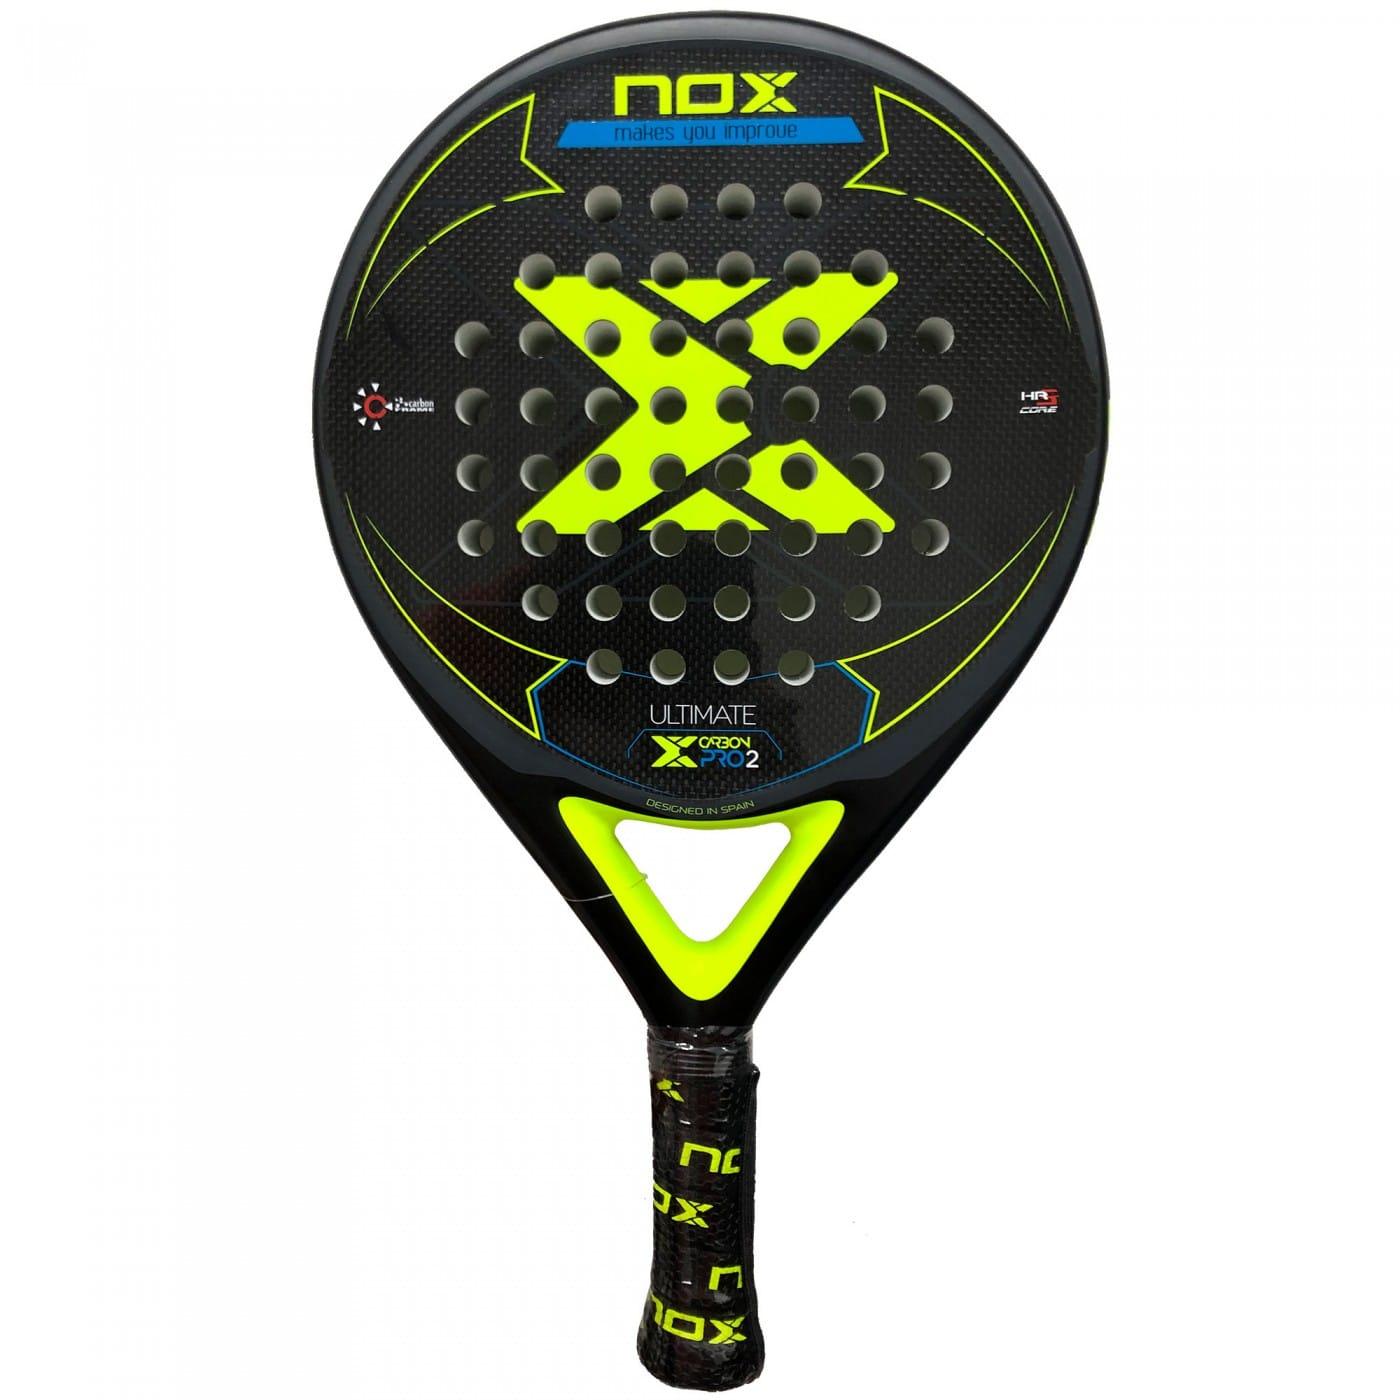 NOX Ultimate Carbon Pro 2 Palas de pádel Nox: sus 5 mejores modelos